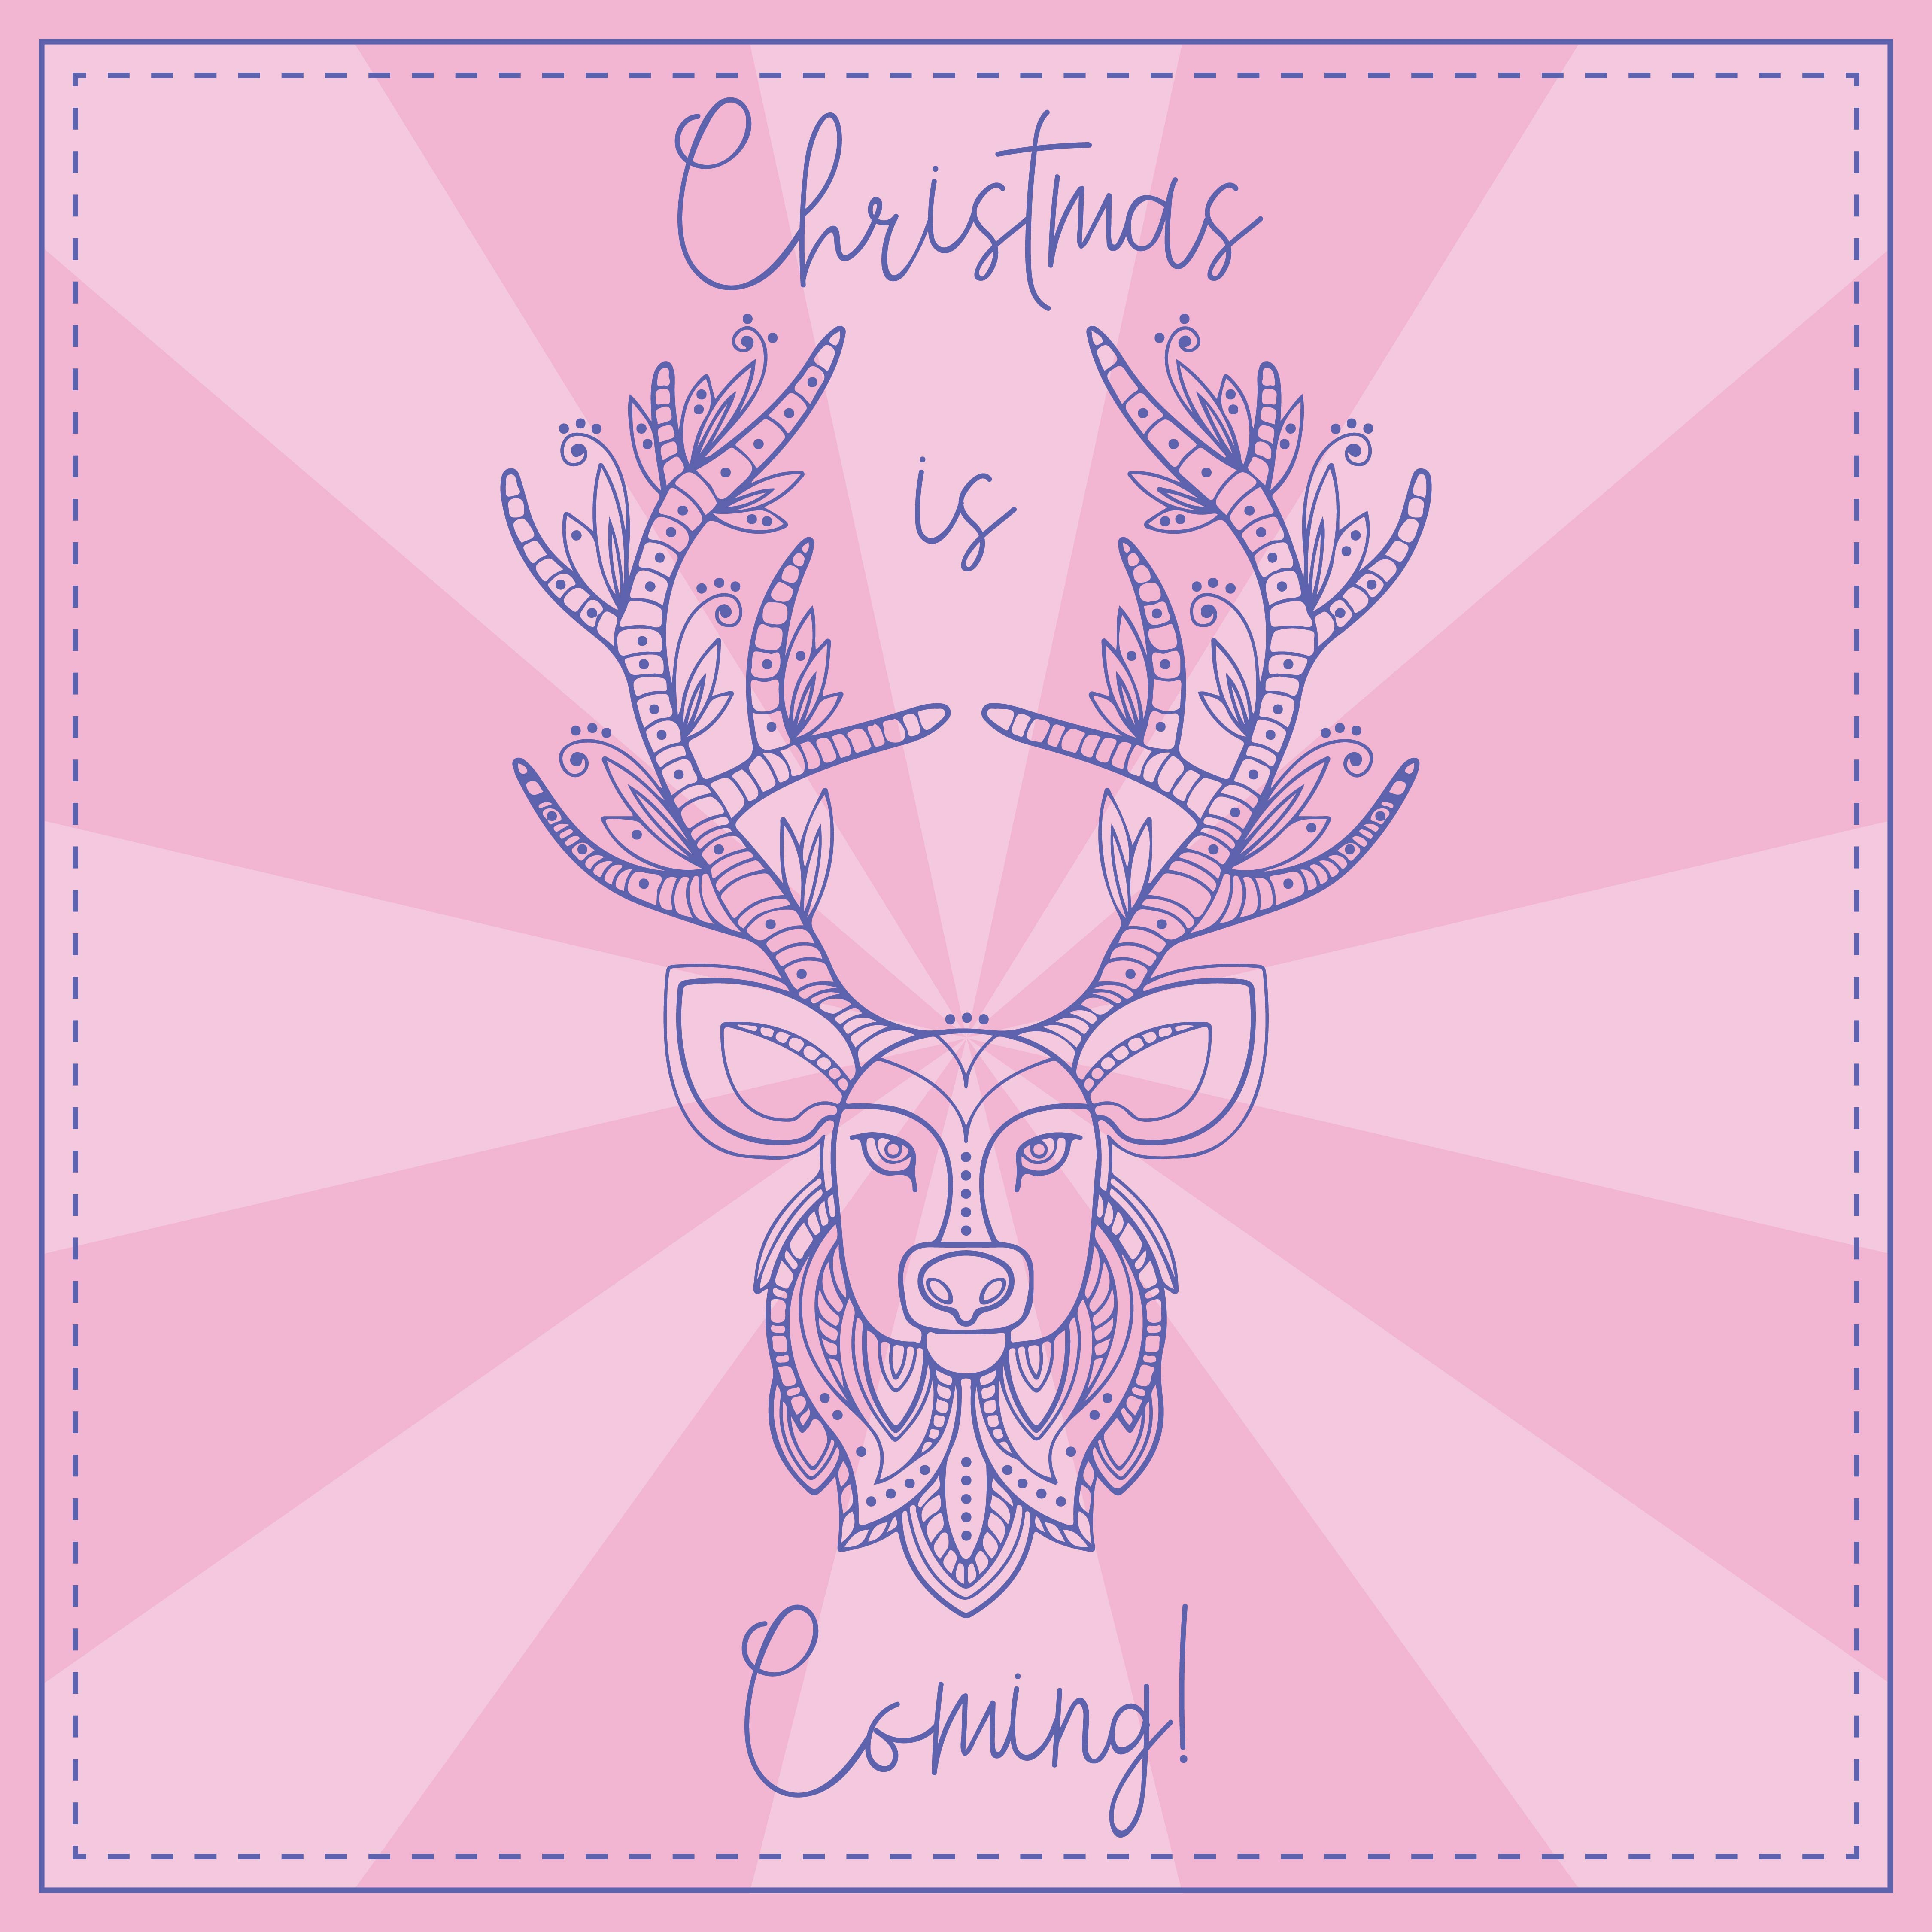 Printable Christmas Greetings Clip Art